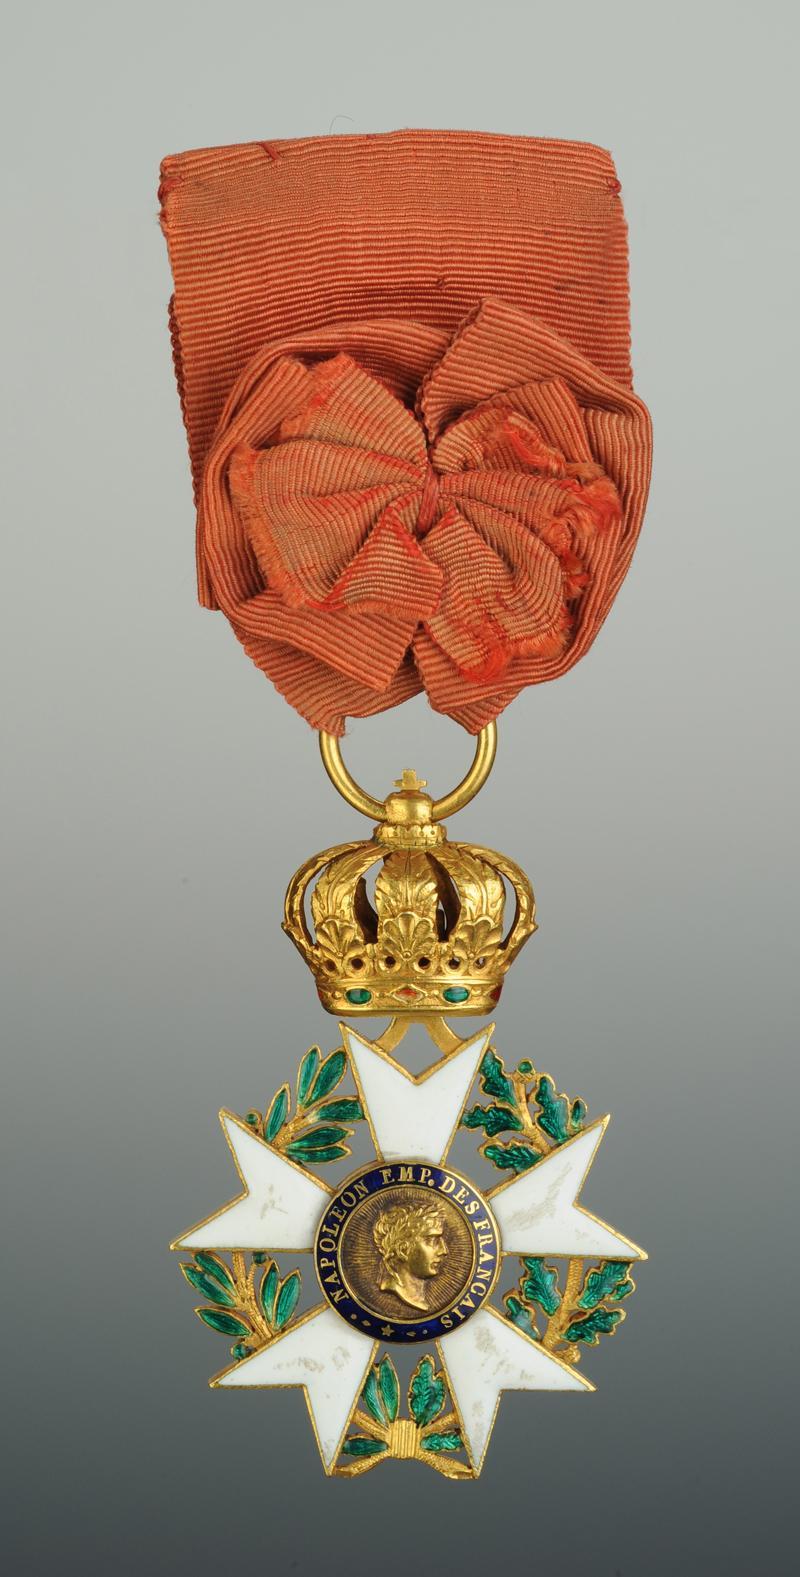 croix de officier de la l u00c9gion d u0026 39 honneur  troisi u00e8me type